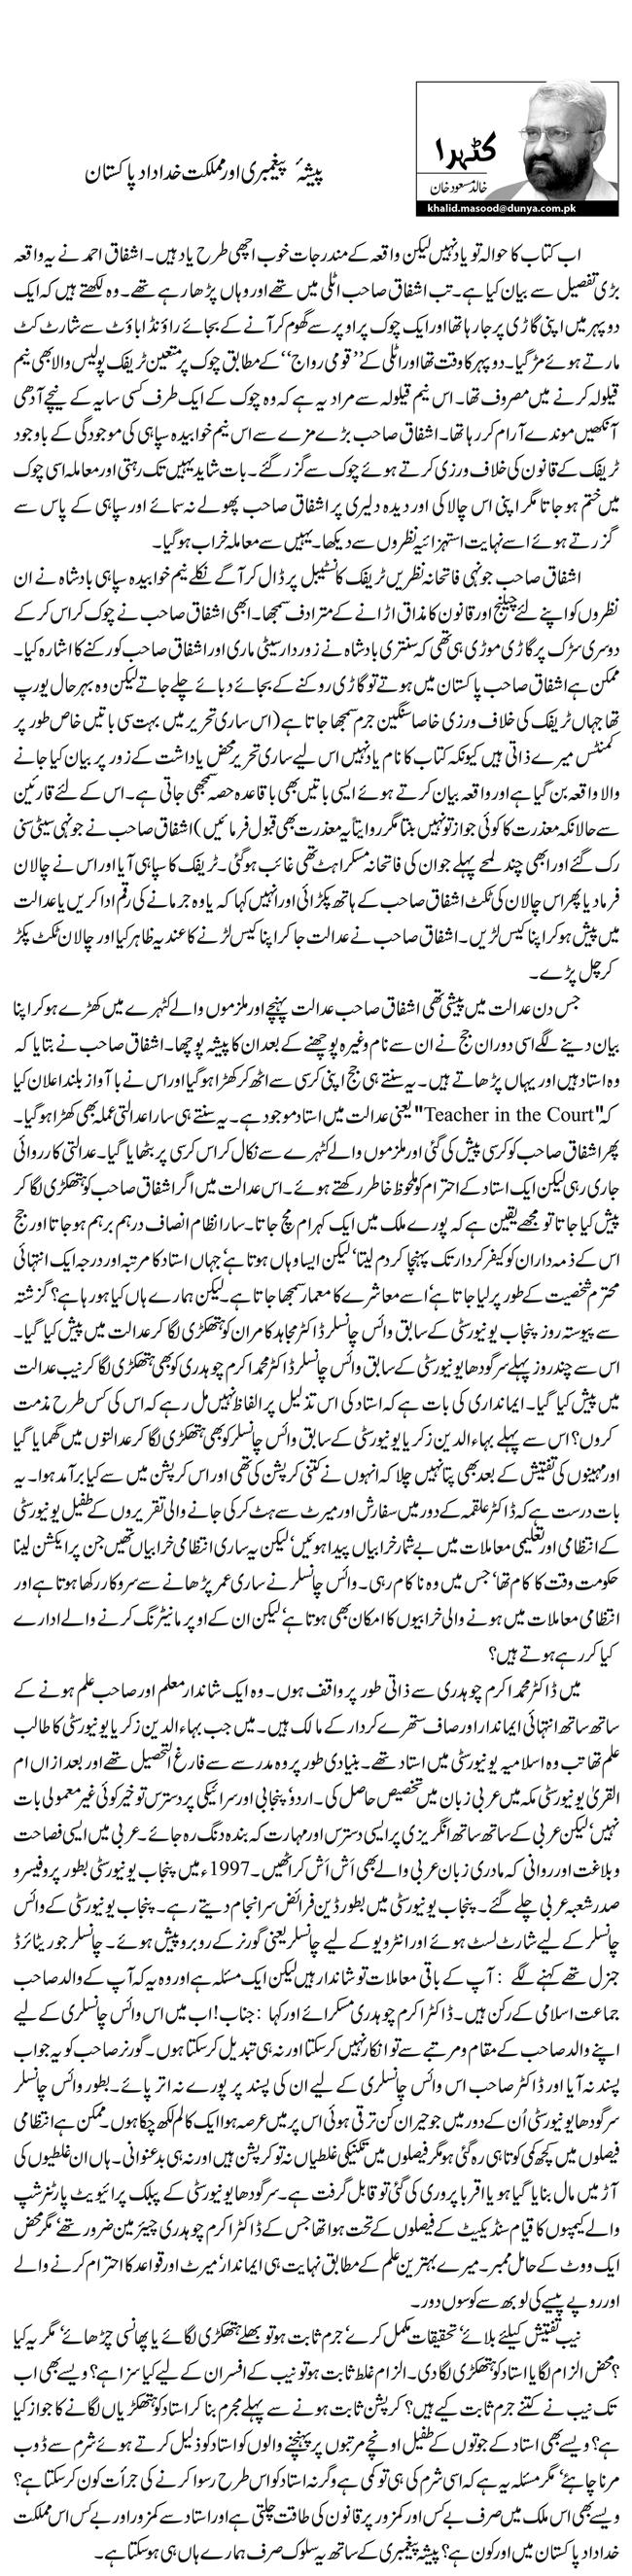 پیشہ ٔ  پیغمبری اور مملکت خداداد پاکستان